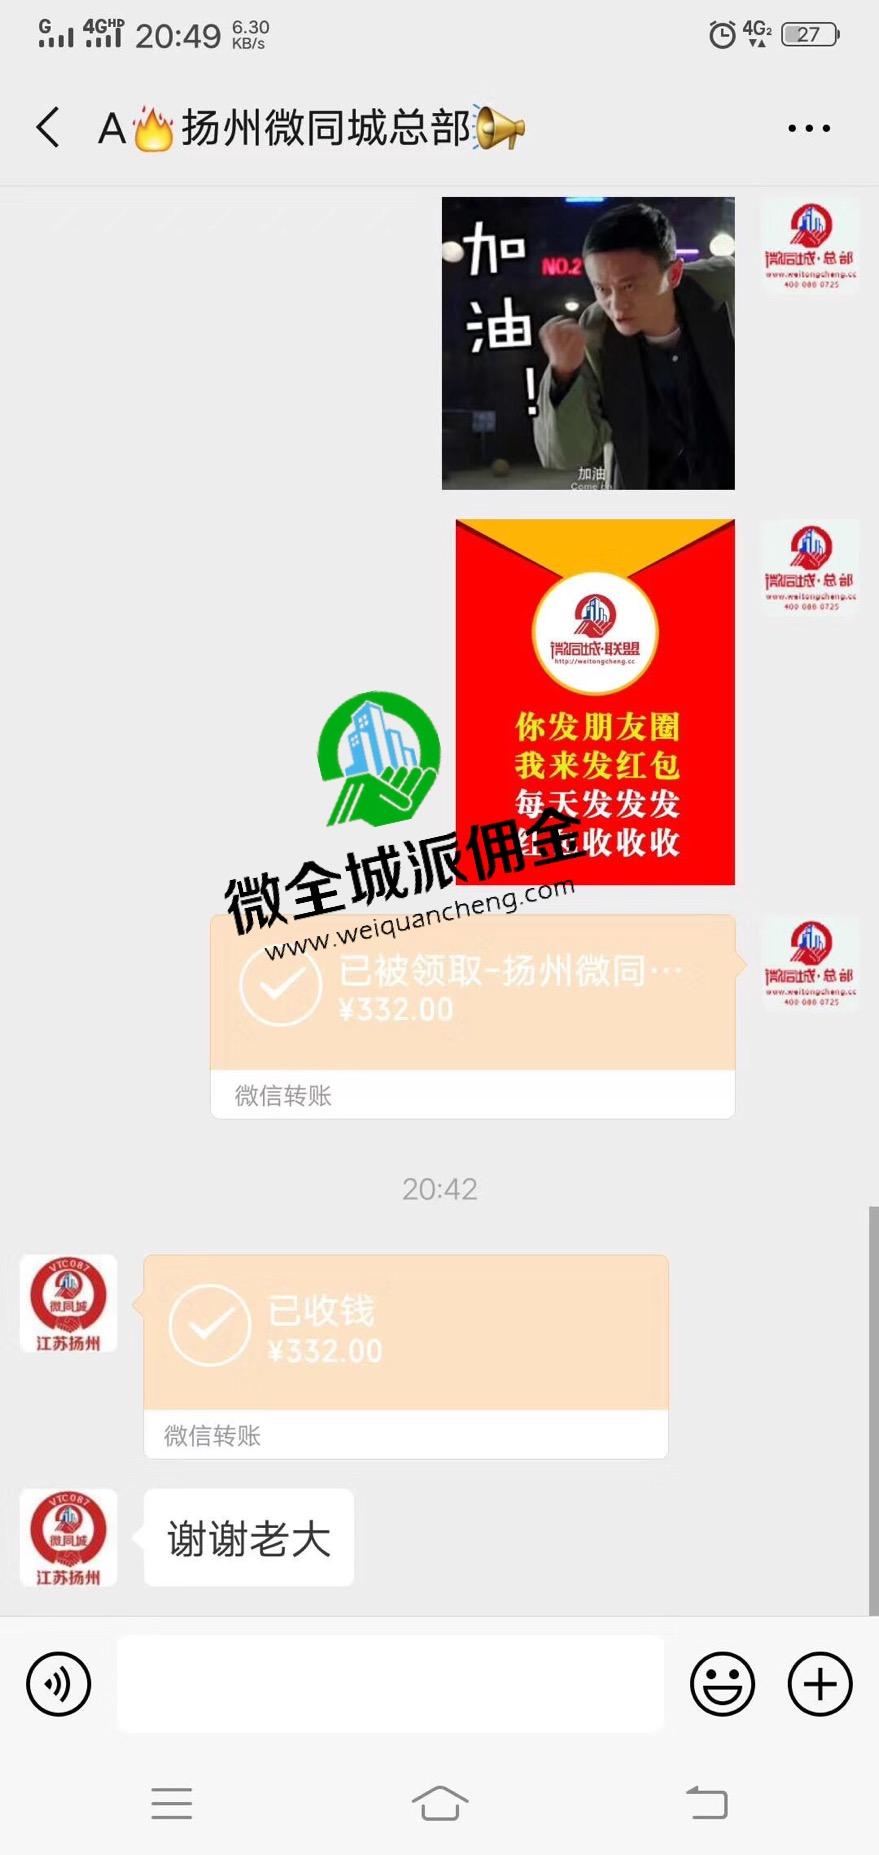 【赚332元】扬州微全城微帮广告佣金